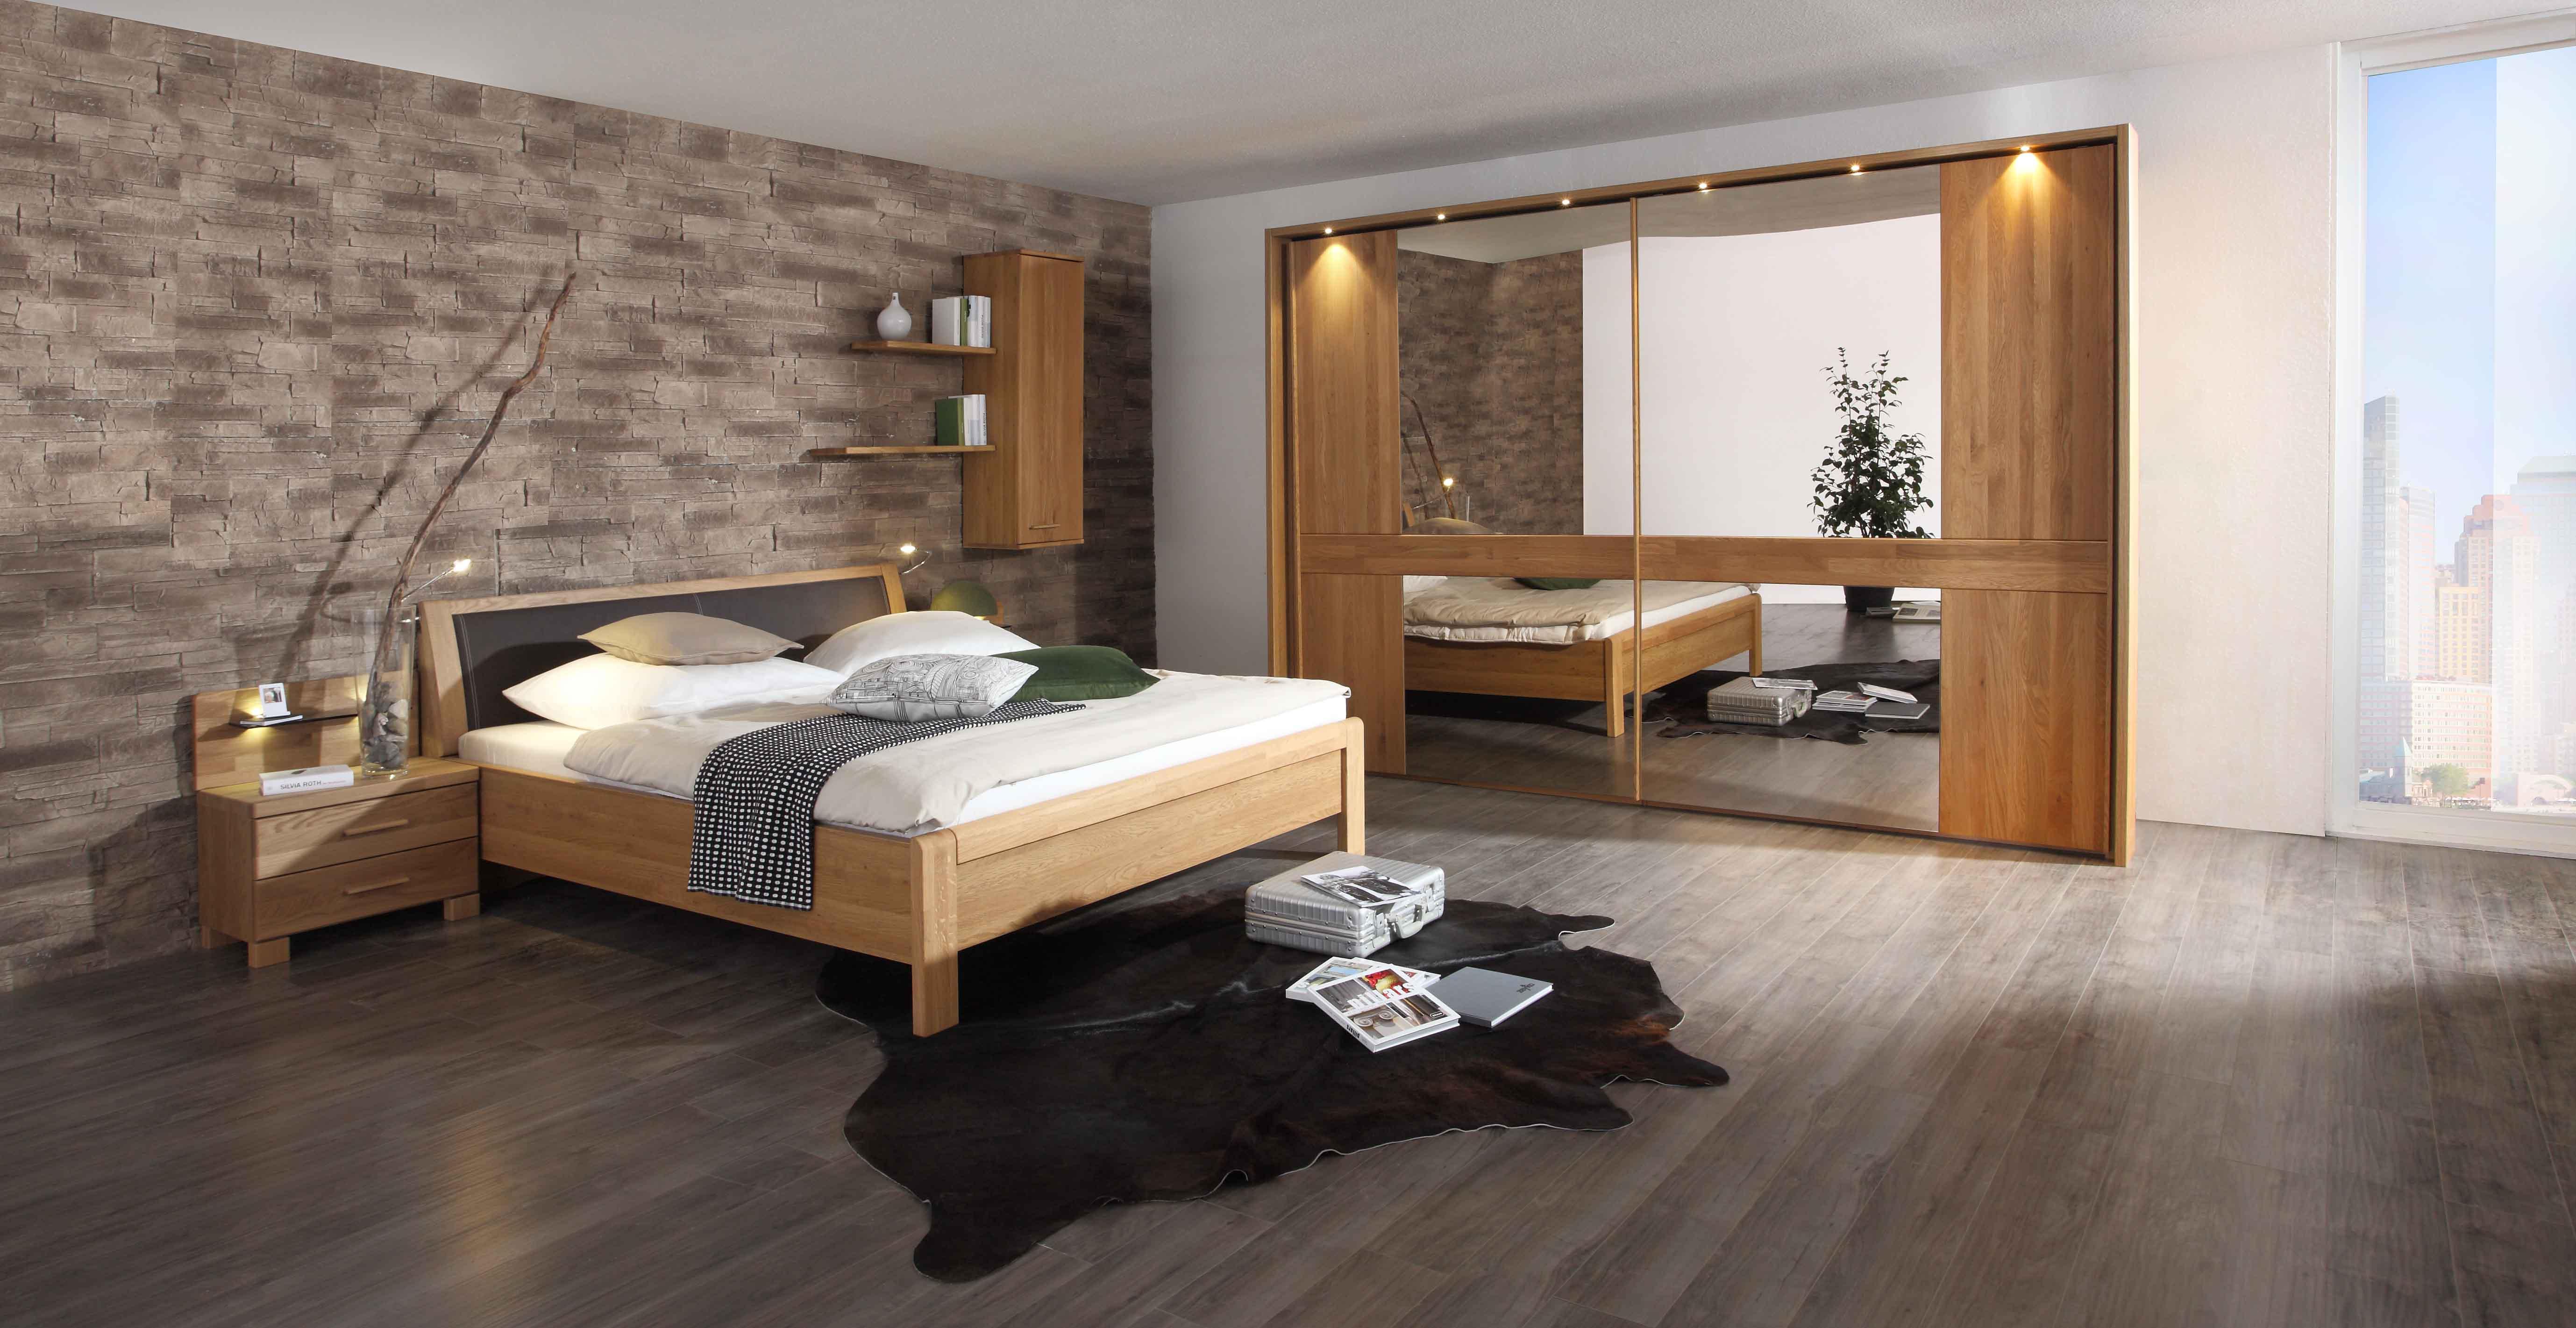 faro gent slaapkamer meubelen tilt de keizer. Black Bedroom Furniture Sets. Home Design Ideas